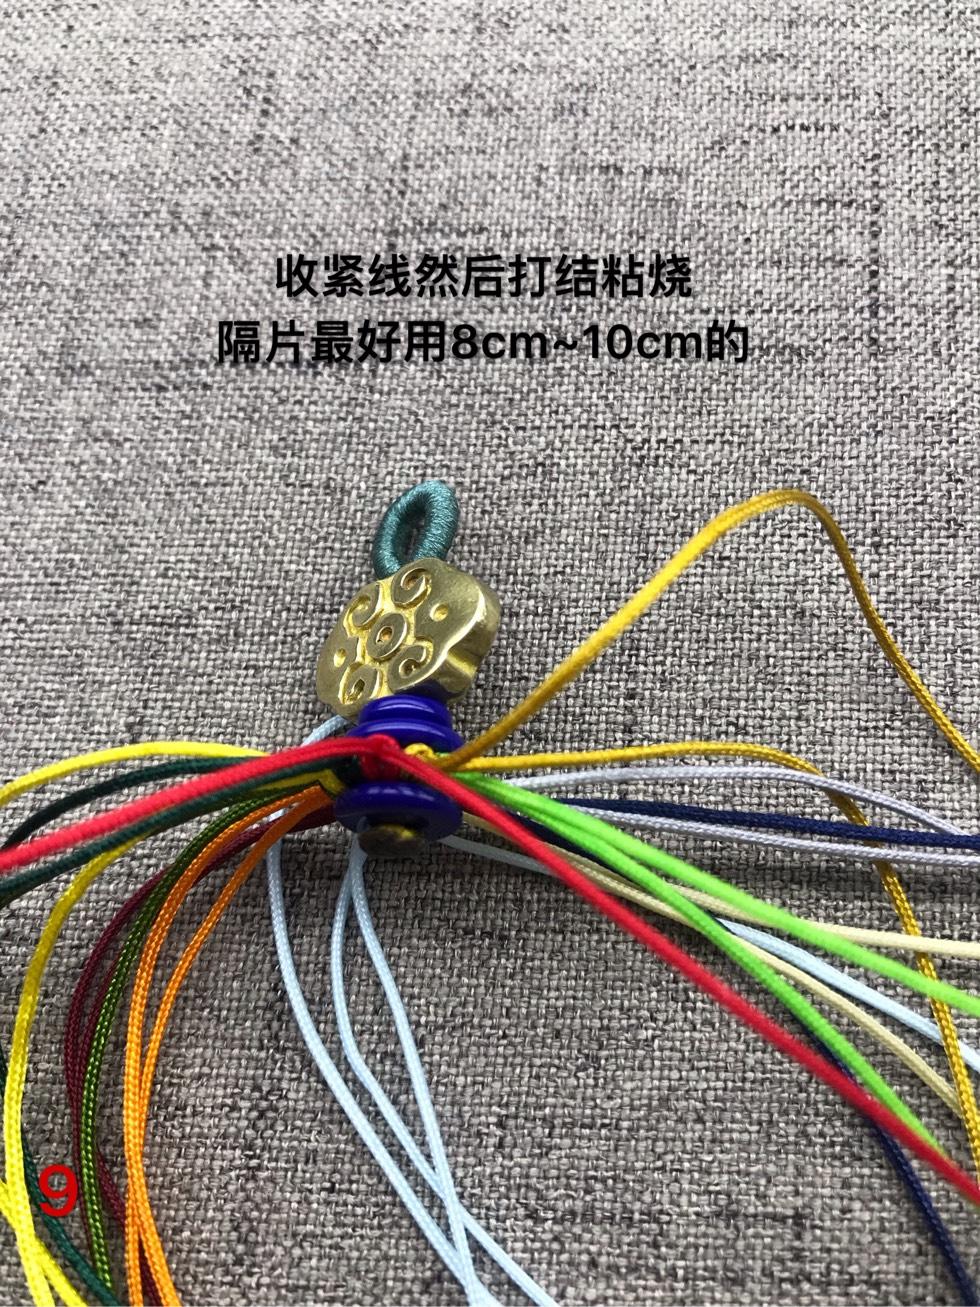 中国结论坛 迷你藏式转经筒  图文教程区 135334h990mcb759j732lm